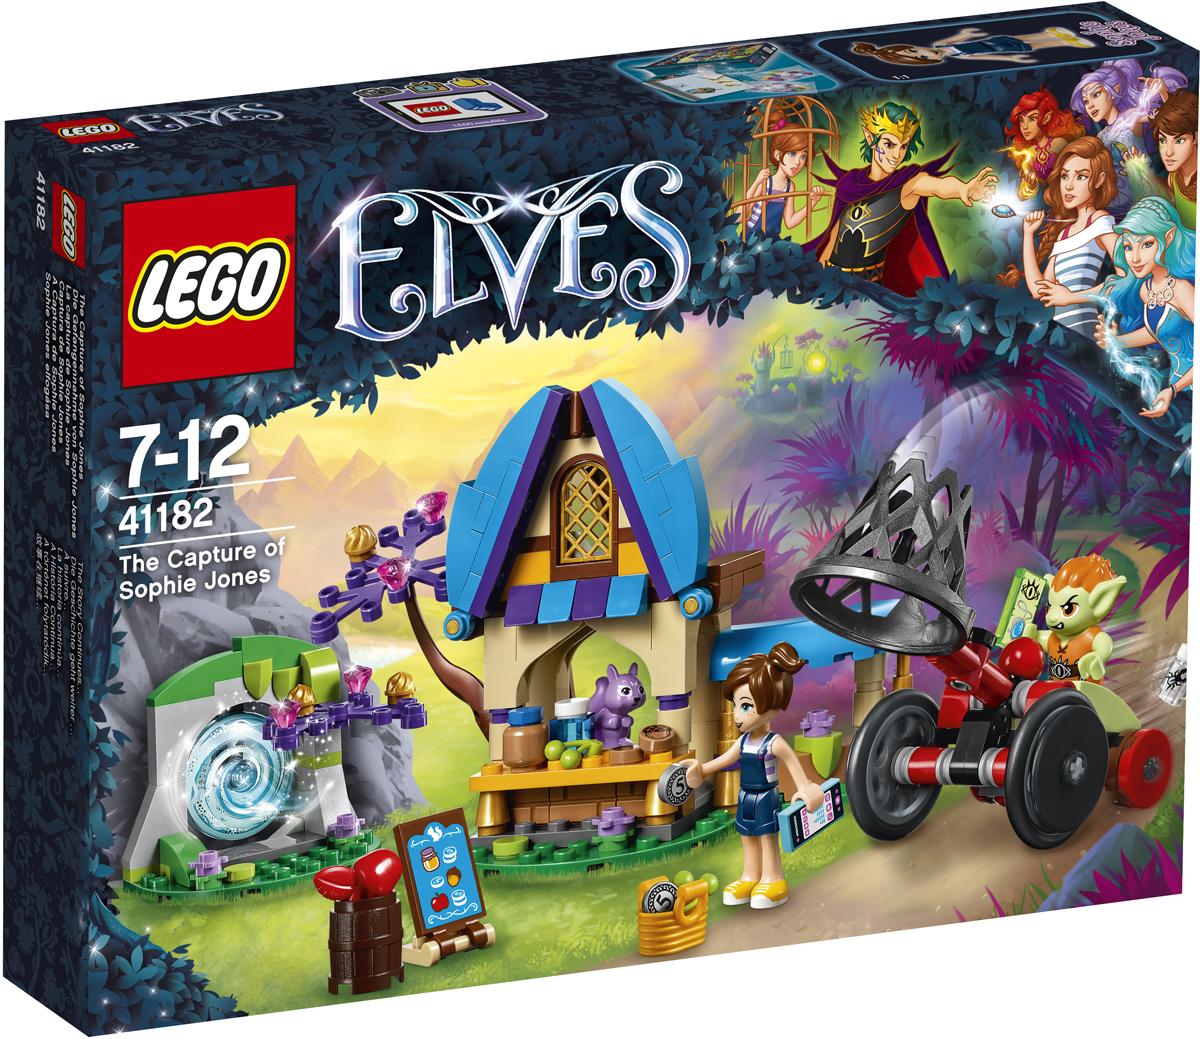 LEGO Elves Конструктор Похищение Софи Джонс 4118241182Прокрадись сквозь магический портал с маленькой сестрёнкой Эмили Джонс, Софи, и отправляйся навстречу новым приключениям. Зайди в овощной магазин мистера Спая, где сейчас в самом разгаре сезон скидок. Но будь внимательна: за Софи по пятам идёт злобный гоблин. Осторожно! Гоблин Барблин принял Софи за Эмили и спешит к ней на своём автомобиле-перехватчике. Сможет ли он схватить Софи и отвезти к Королю Гоблинов? Решать тебе!